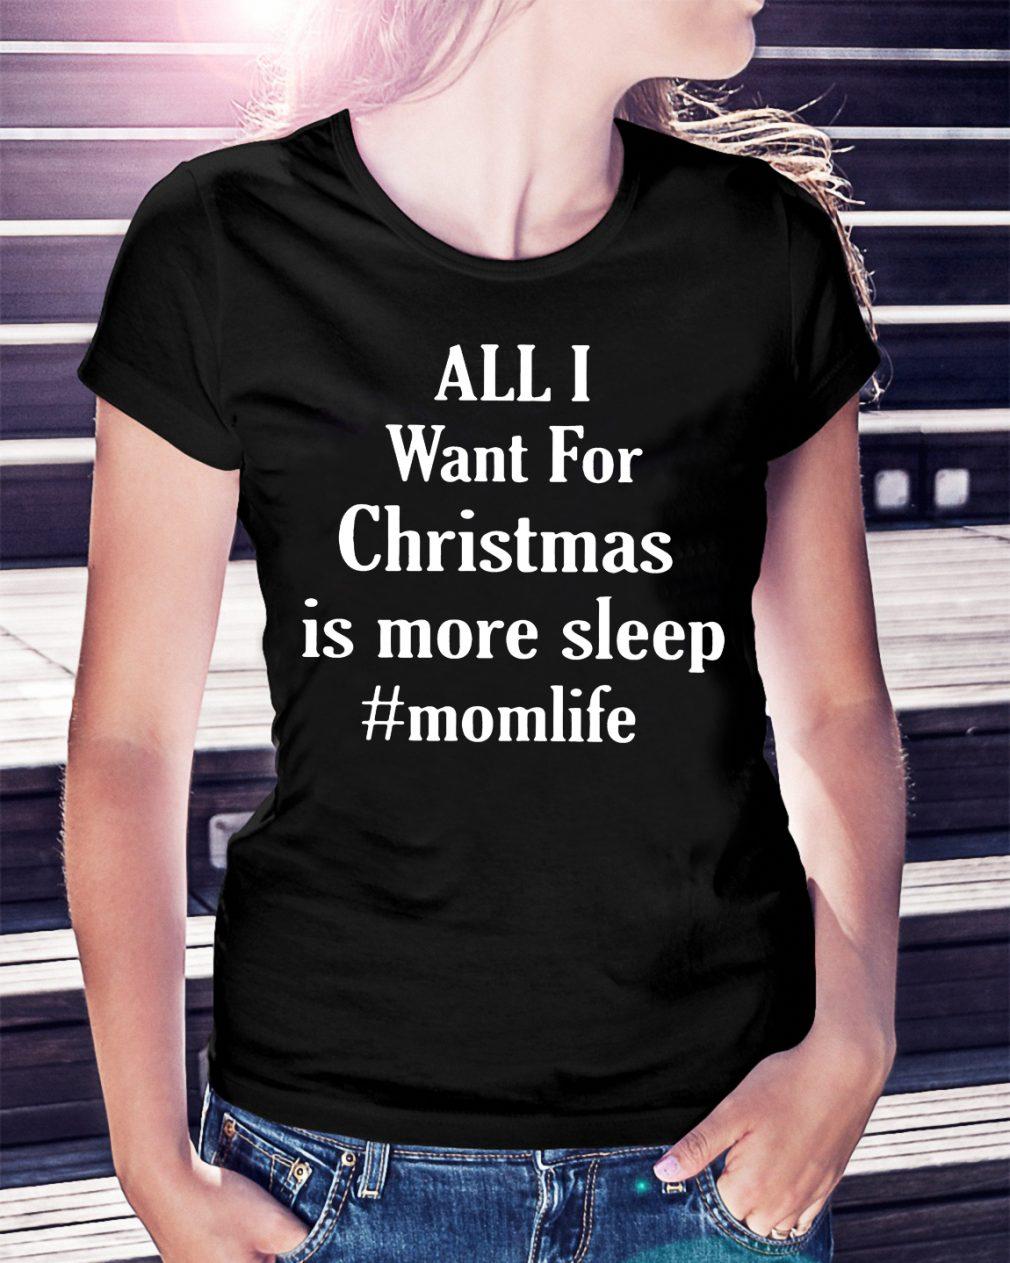 All I want for Christmas is more sleep #momlife shirt